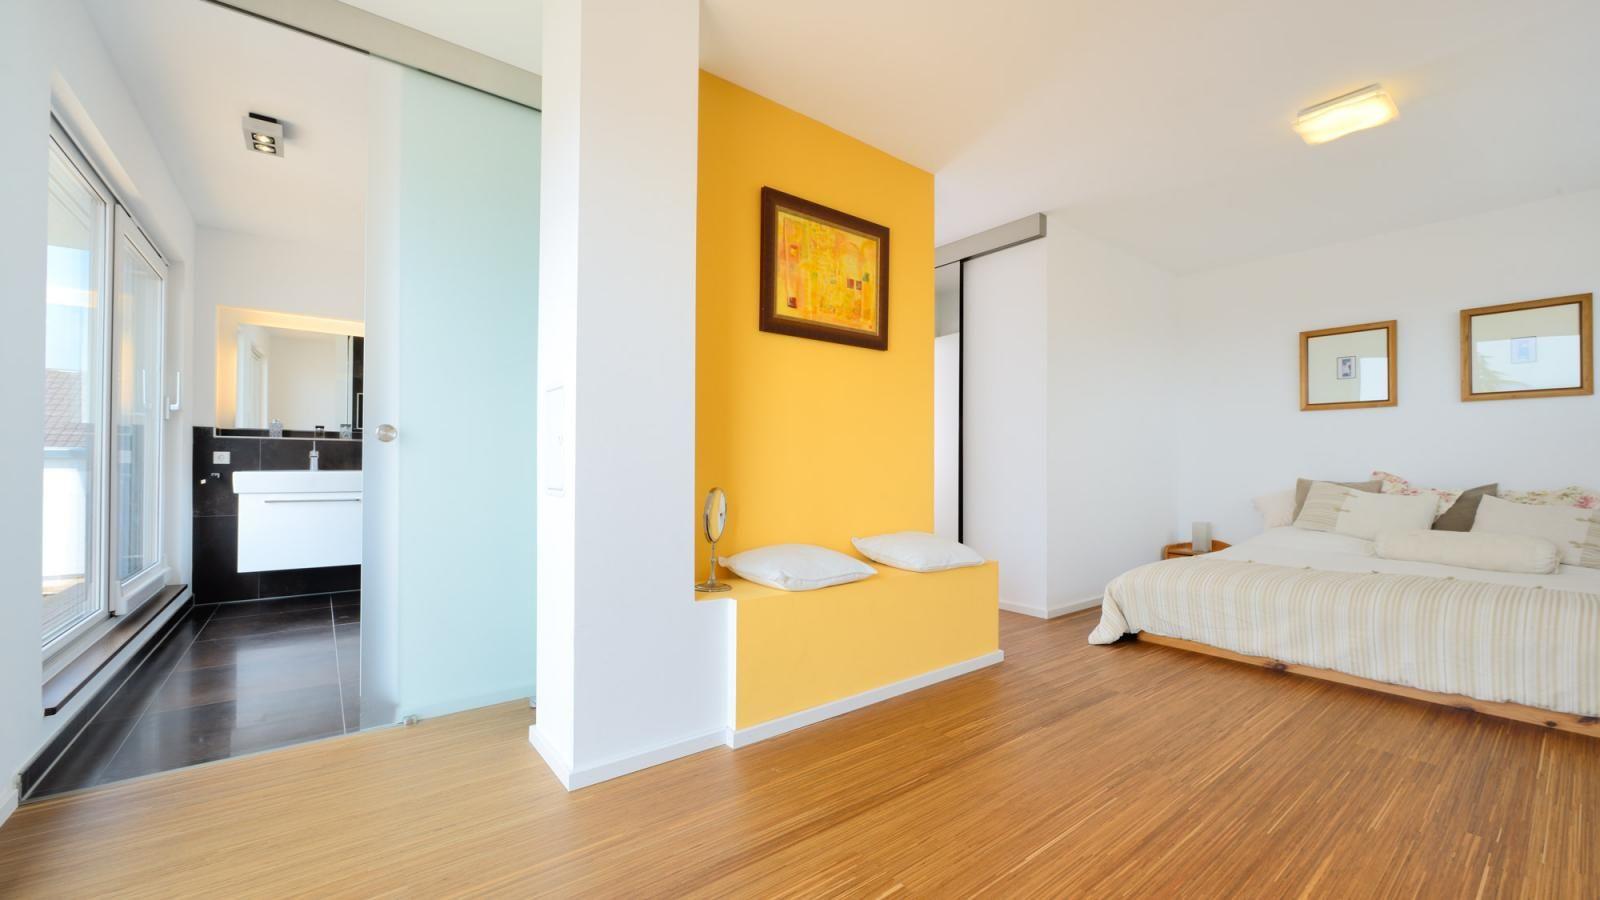 Hervorragend Pin auf Schlafzimmer-Inspiration - master bedroom inspirations WM16